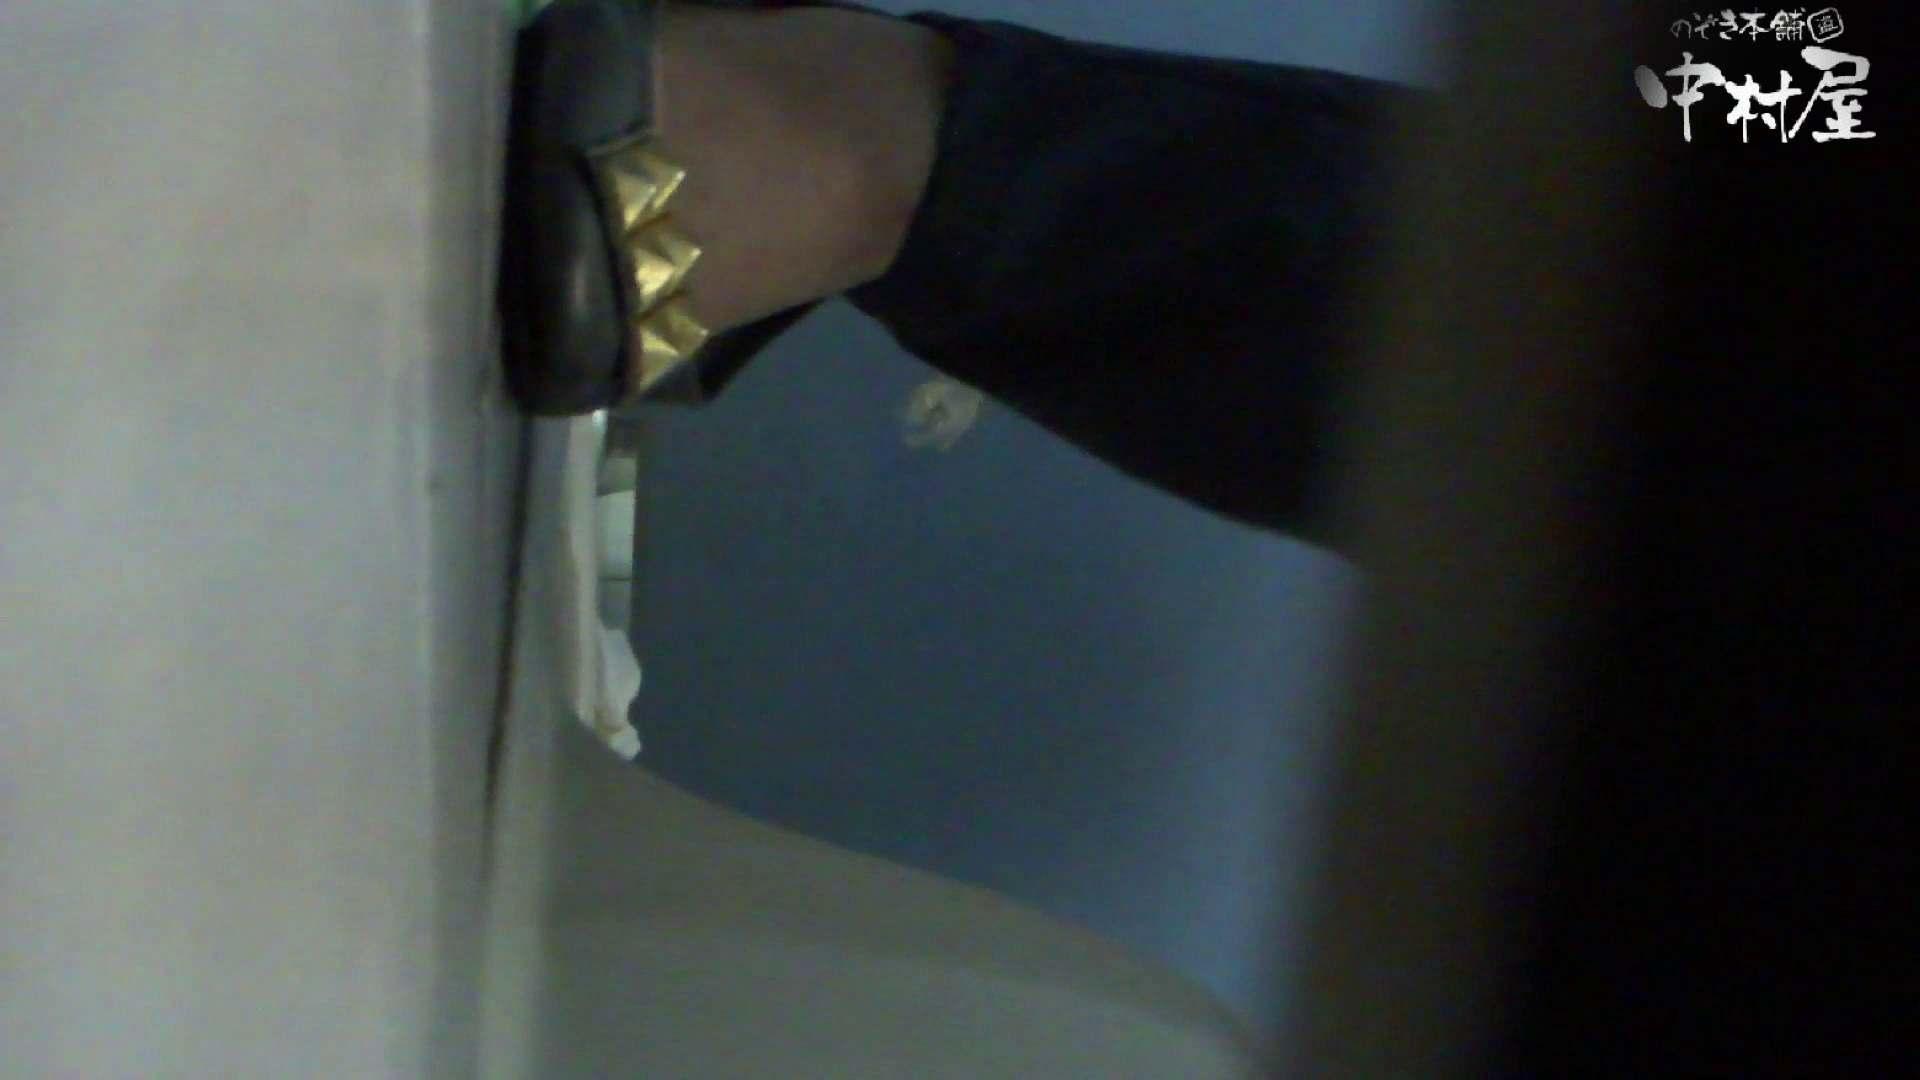 【美人が集まるファッションショッピングセンター洗面所盗SATU】ギャルのツルピカ潜入盗satu!Vol.09 洗面所編 アダルト動画キャプチャ 88PIX 87